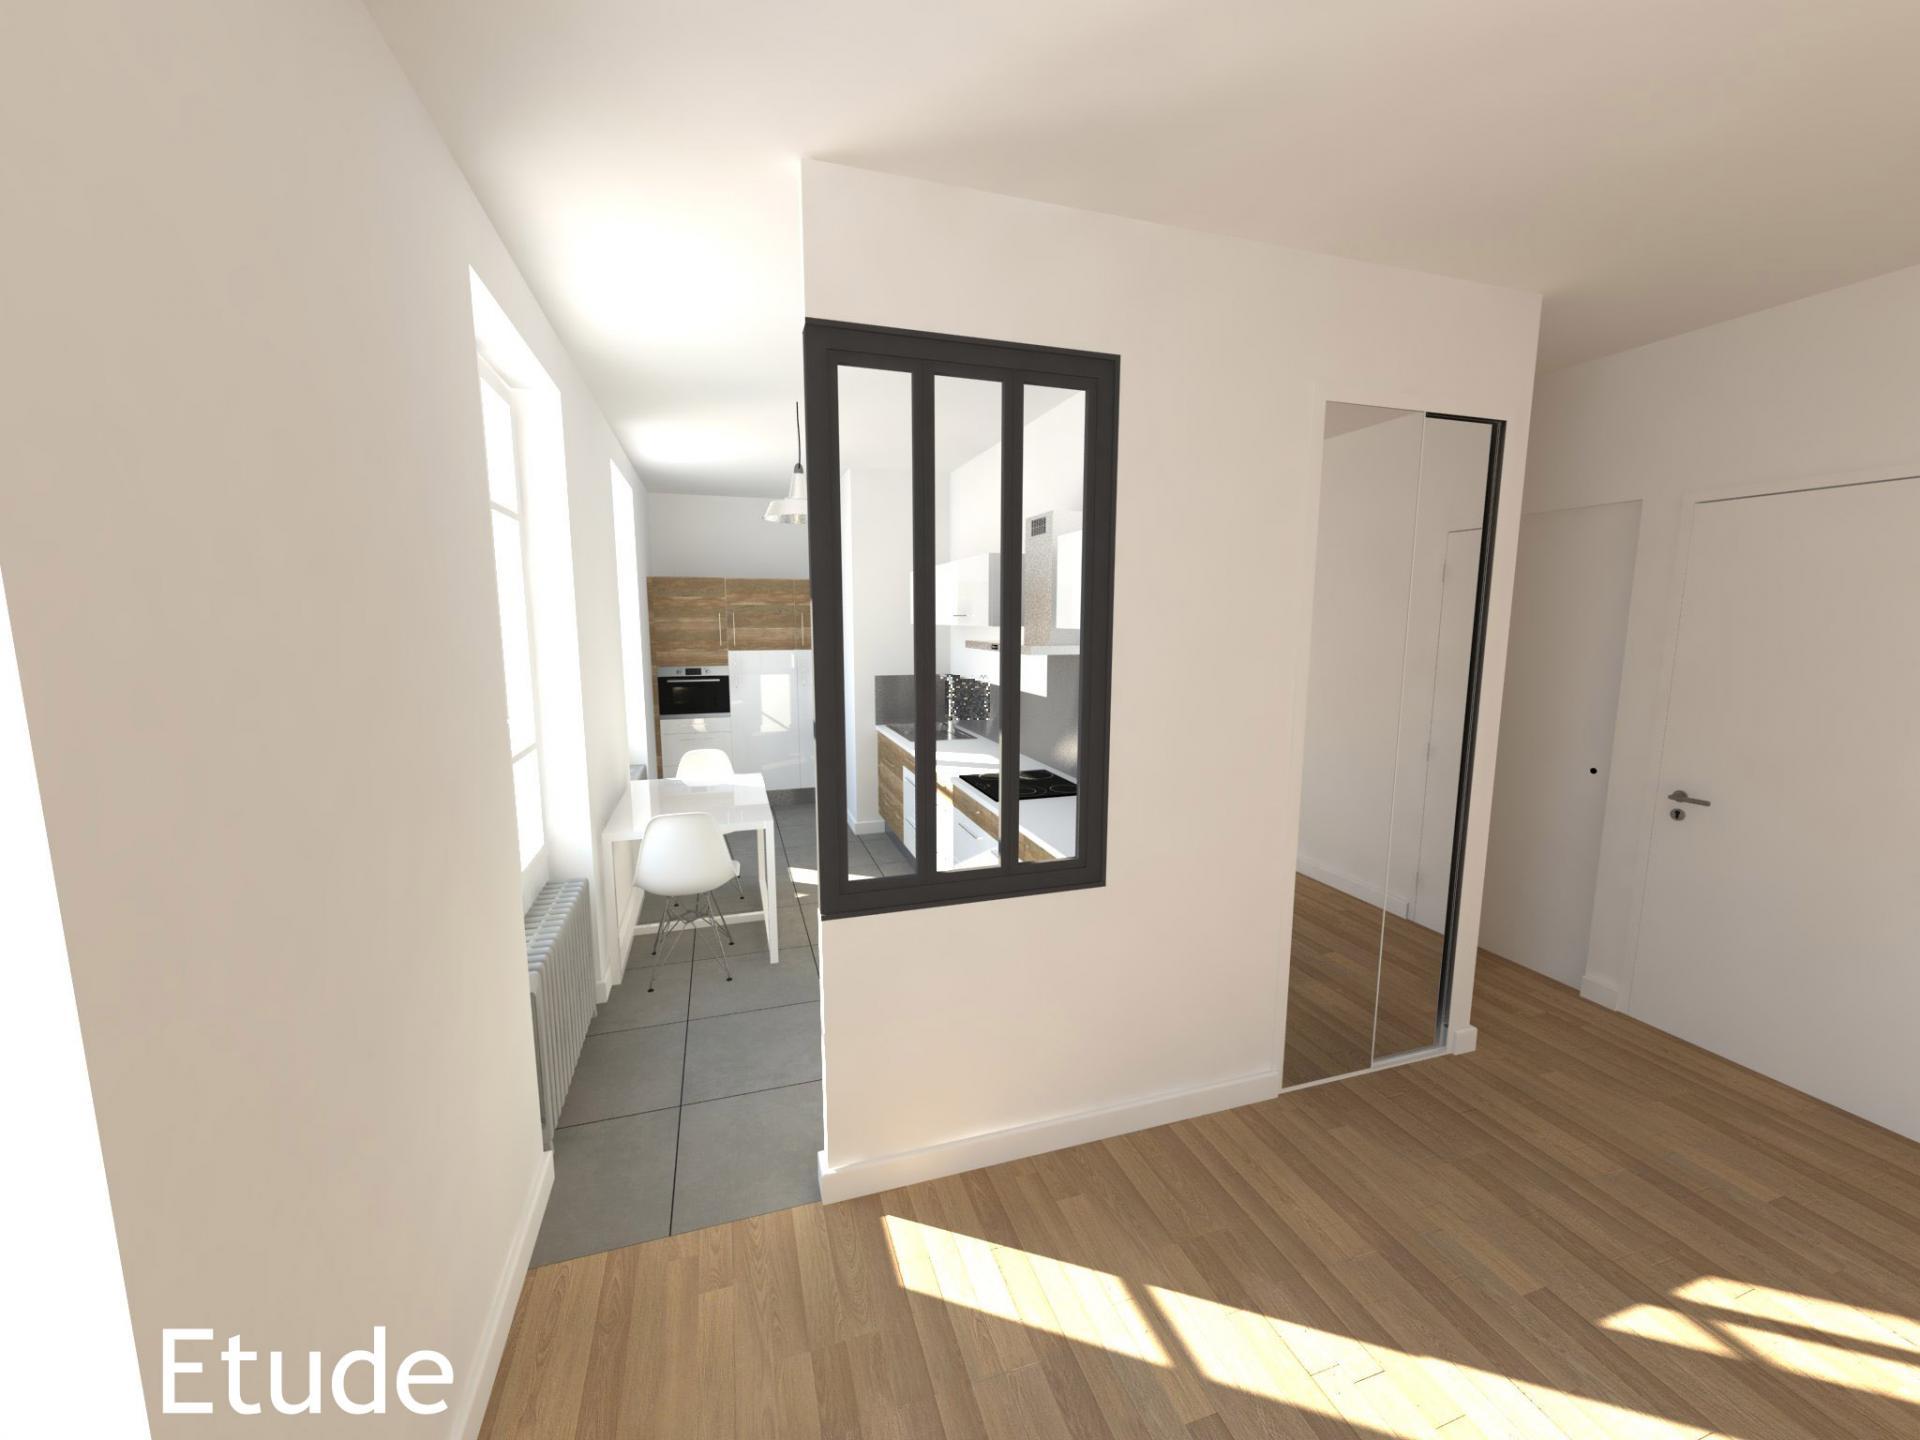 cr ation de deux appartements dans une maison. Black Bedroom Furniture Sets. Home Design Ideas